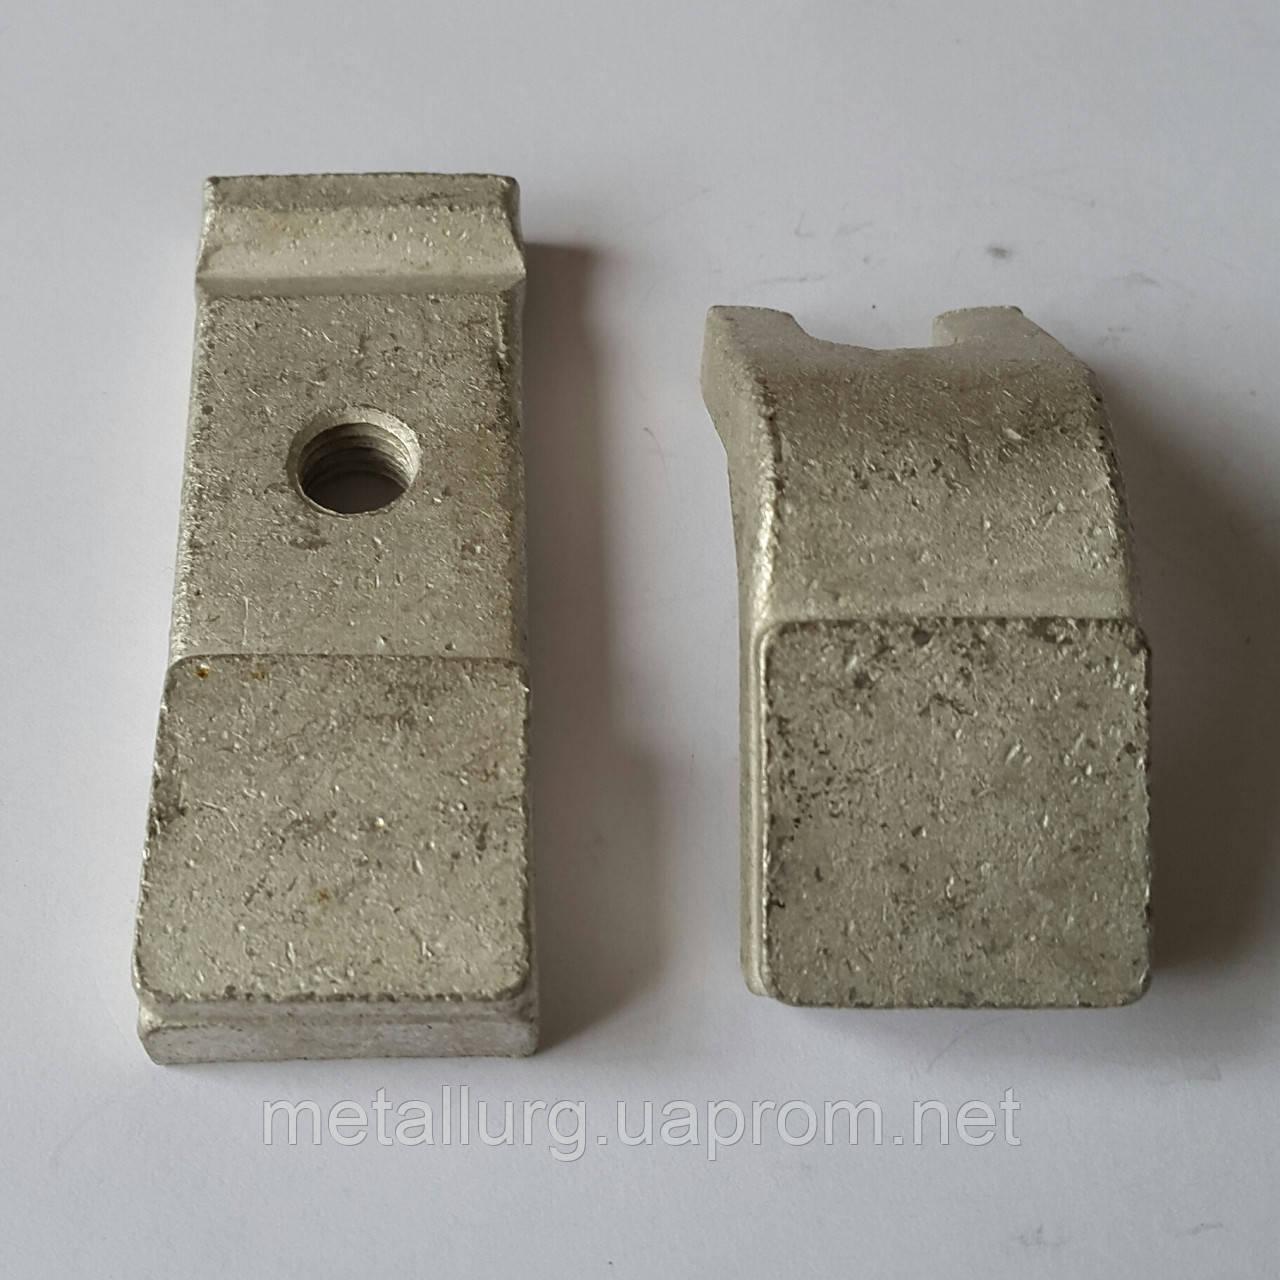 Контакты контактора КПД-113 (КПП-113, ТКПД-113) подвижный - неподвижный